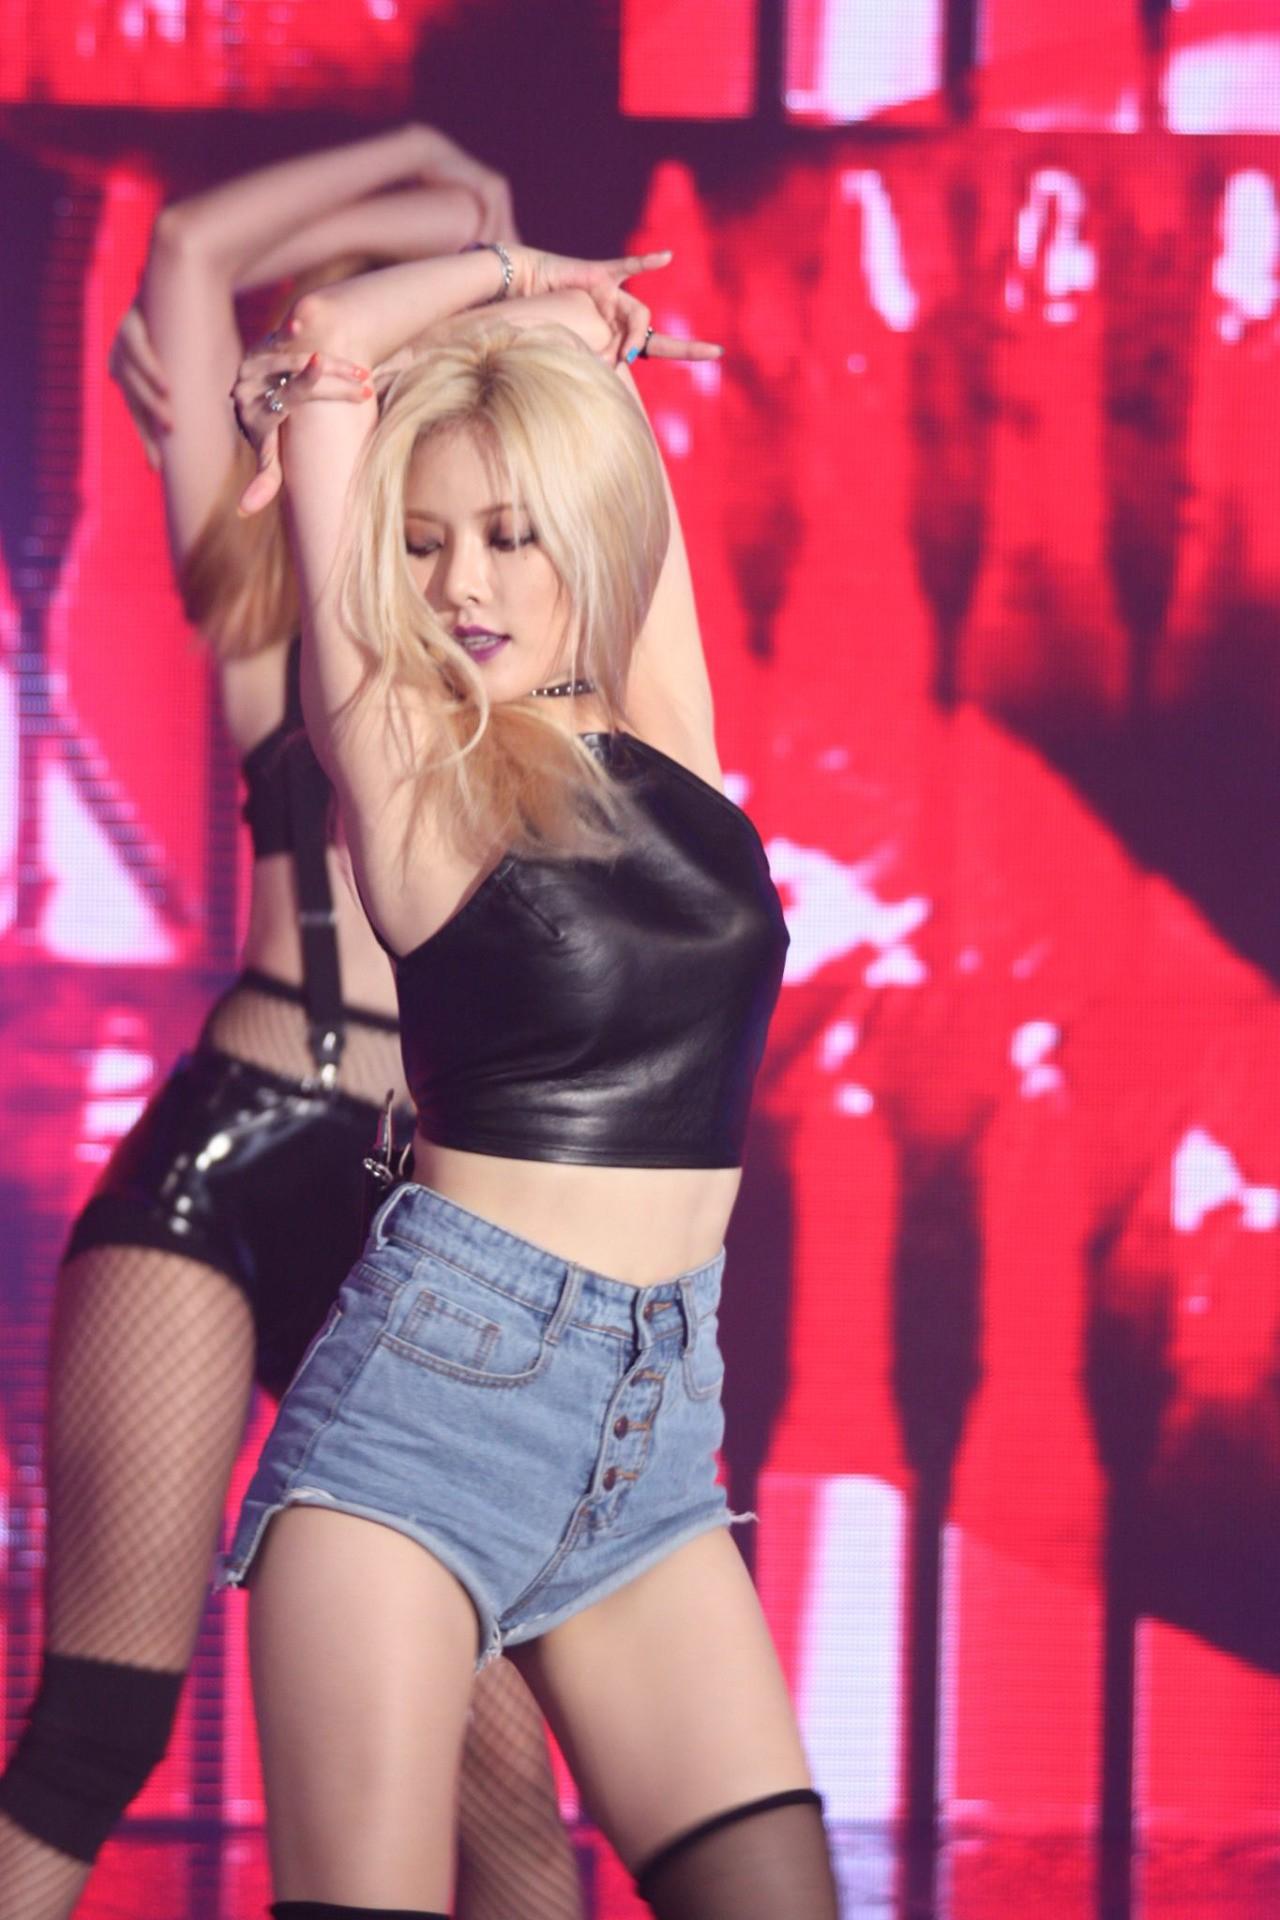 Cắt duyên với Hyuna, Cube sẽ tìm đâu một cá tính ăn mặc thú vị thế nữa? - Ảnh 1.